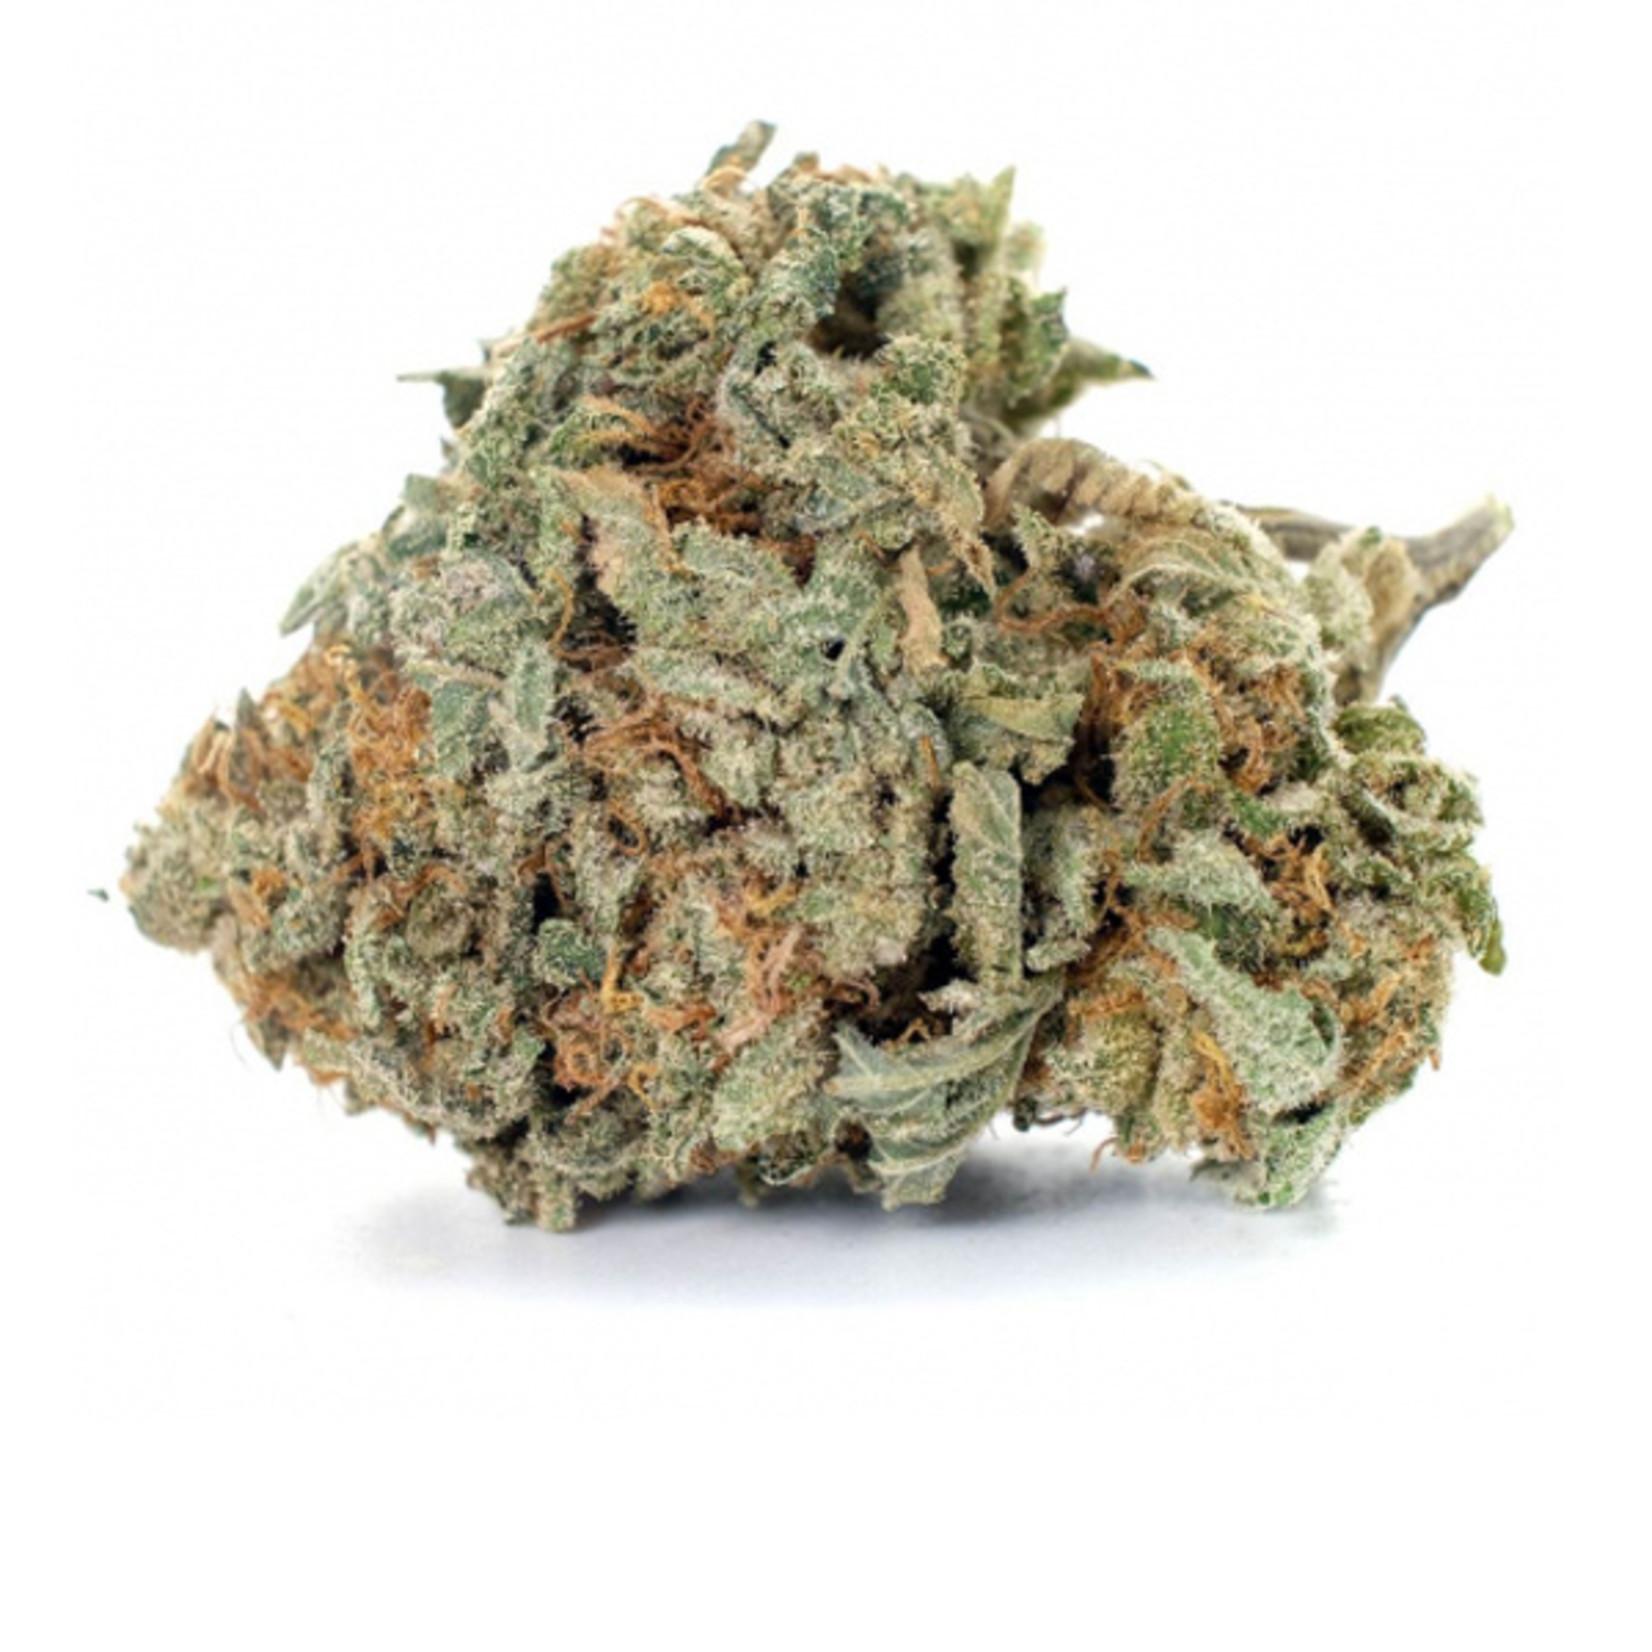 Gorilla Glue #4 cannabis seeds